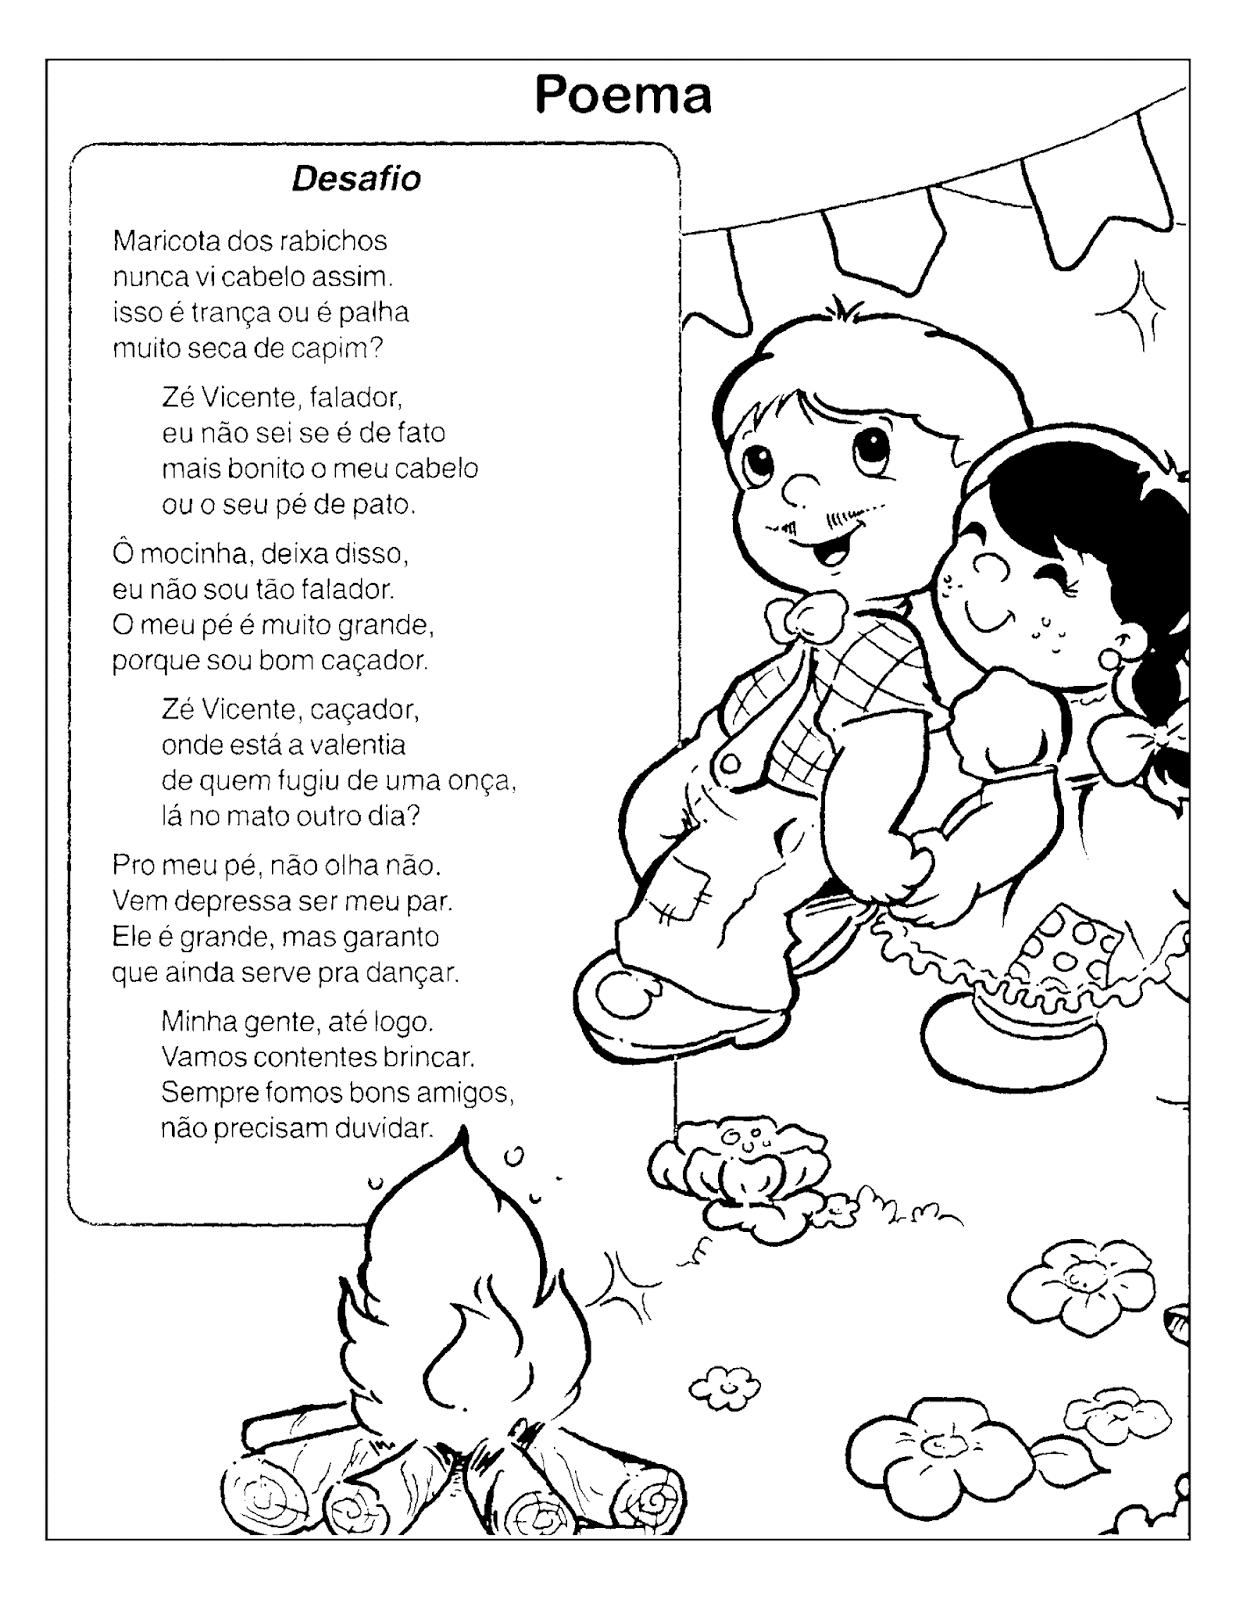 Poemas sobre Festa Junina com desenhos para colorir